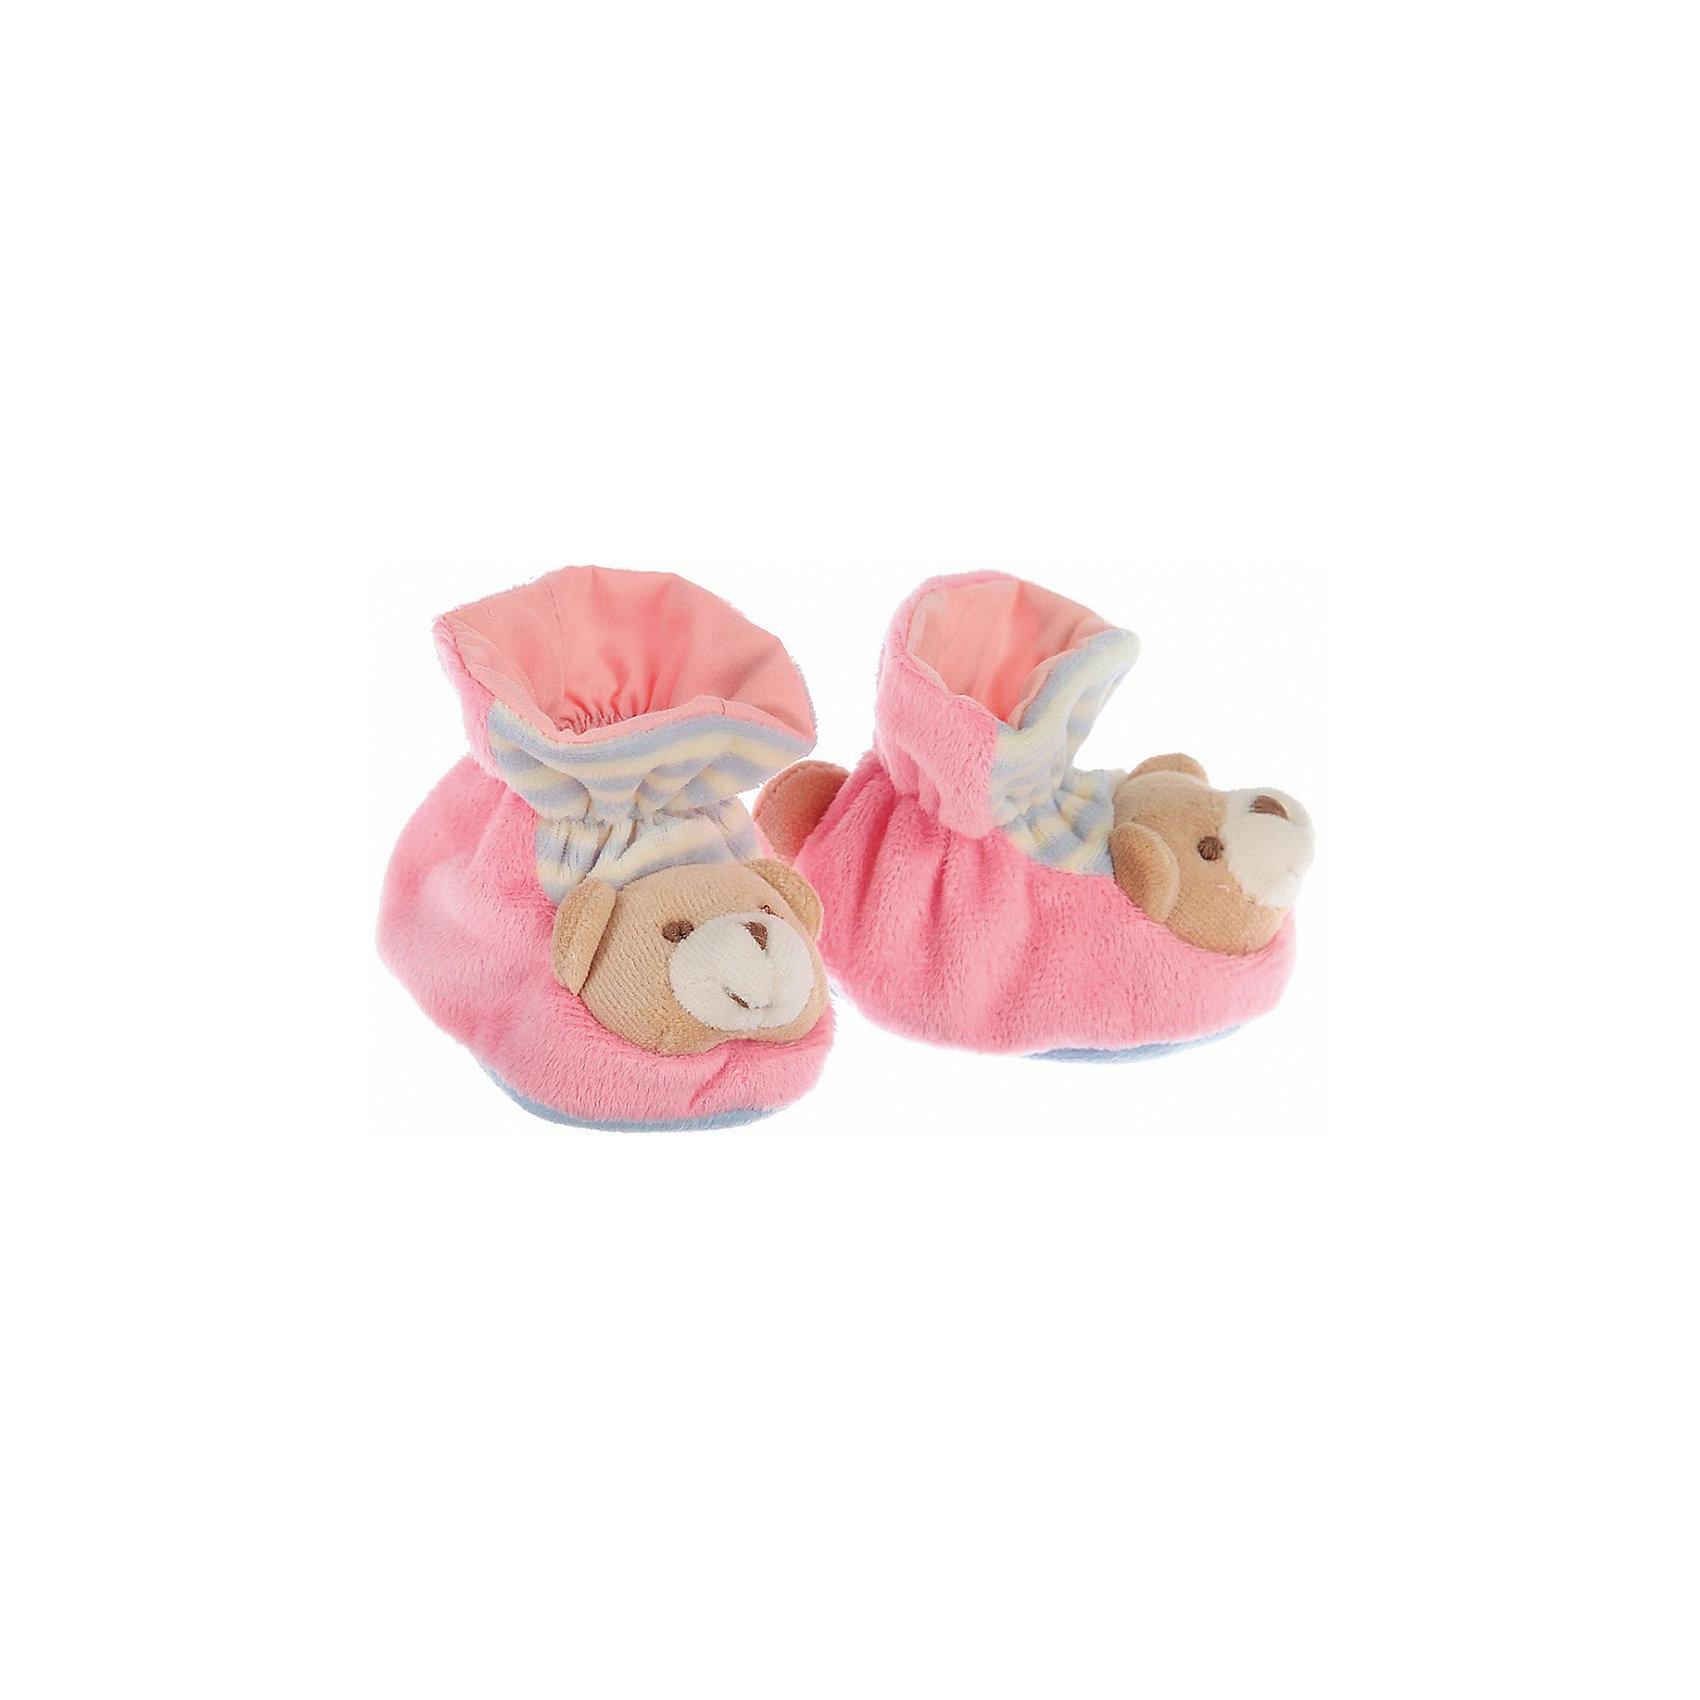 Пинетки с аппликацией Мишка, Baby Nice, розовыйОдежда, обувь и аксессуары для детей должны быть качественными и безопасными. Эти пинетки обеспечат ножкам малыша комфорт и тепло. Они украшены симпатичной мордочкой животного.<br>Пинетки сшиты из натуральной дышащей хлопчатобумажной ткани, приятной на ощупь. Она не вызывает аллергии, что особенно важно для малышей. Также материал обеспечит хорошую терморегуляцию. Ткань очень мягкая и теплая. Пинетки сделаны из высококачественных материалов, безопасных для ребенка.<br><br>Дополнительная информация:<br><br>цвет: розовый;<br>материал: 100% хлопок;<br>аппликация.<br><br>Пинетки с аппликацией Мишка от компании Baby Nice можно купить в нашем магазине.<br><br>Ширина мм: 100<br>Глубина мм: 60<br>Высота мм: 30<br>Вес г: 200<br>Возраст от месяцев: 0<br>Возраст до месяцев: 36<br>Пол: Женский<br>Возраст: Детский<br>SKU: 4941764